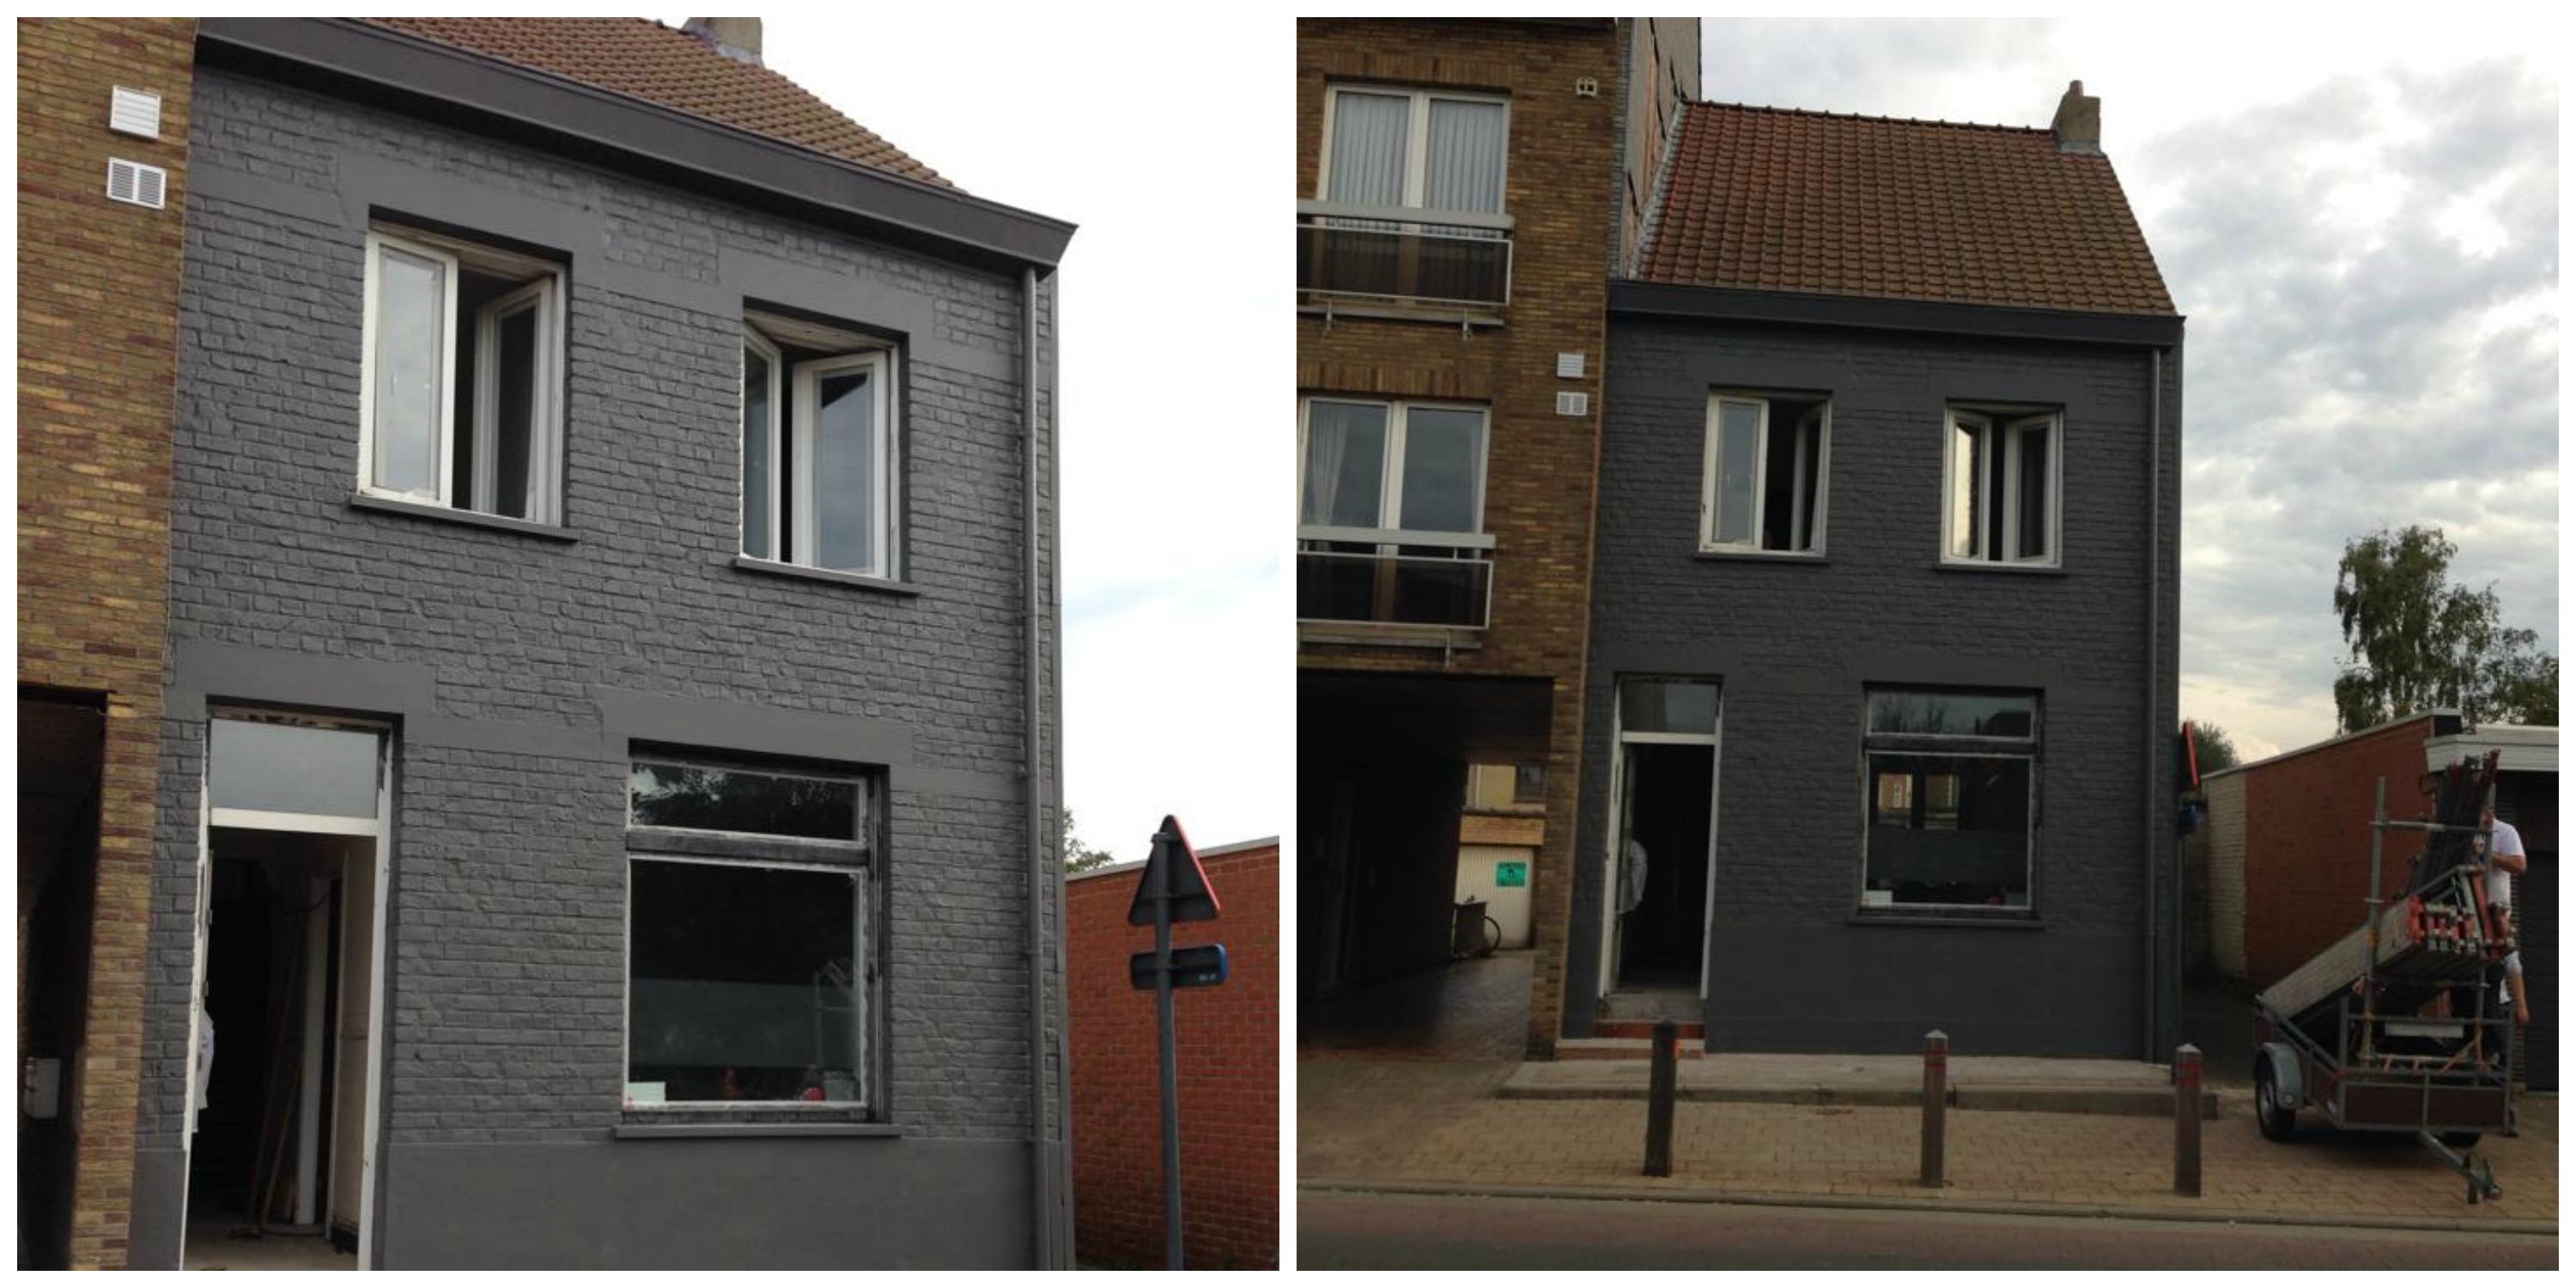 Gevel3 - Voor na gerenoveerd huis ...